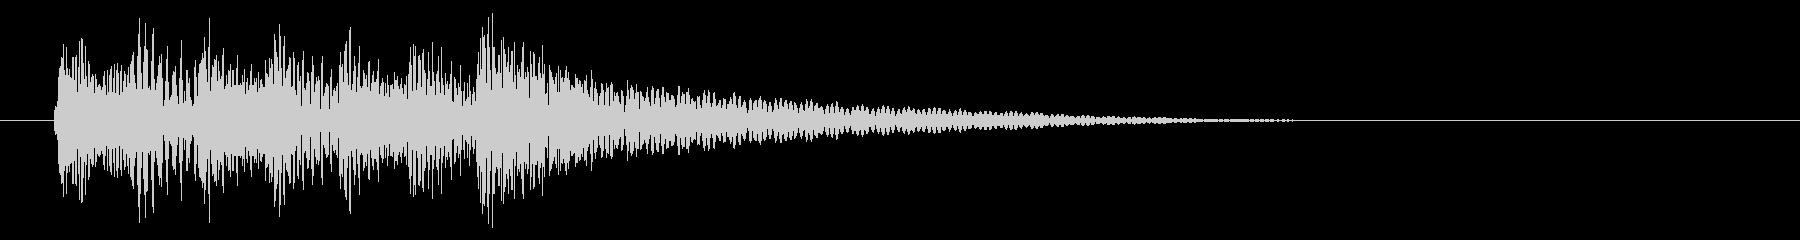 民族系/打楽器/レベルアップの未再生の波形